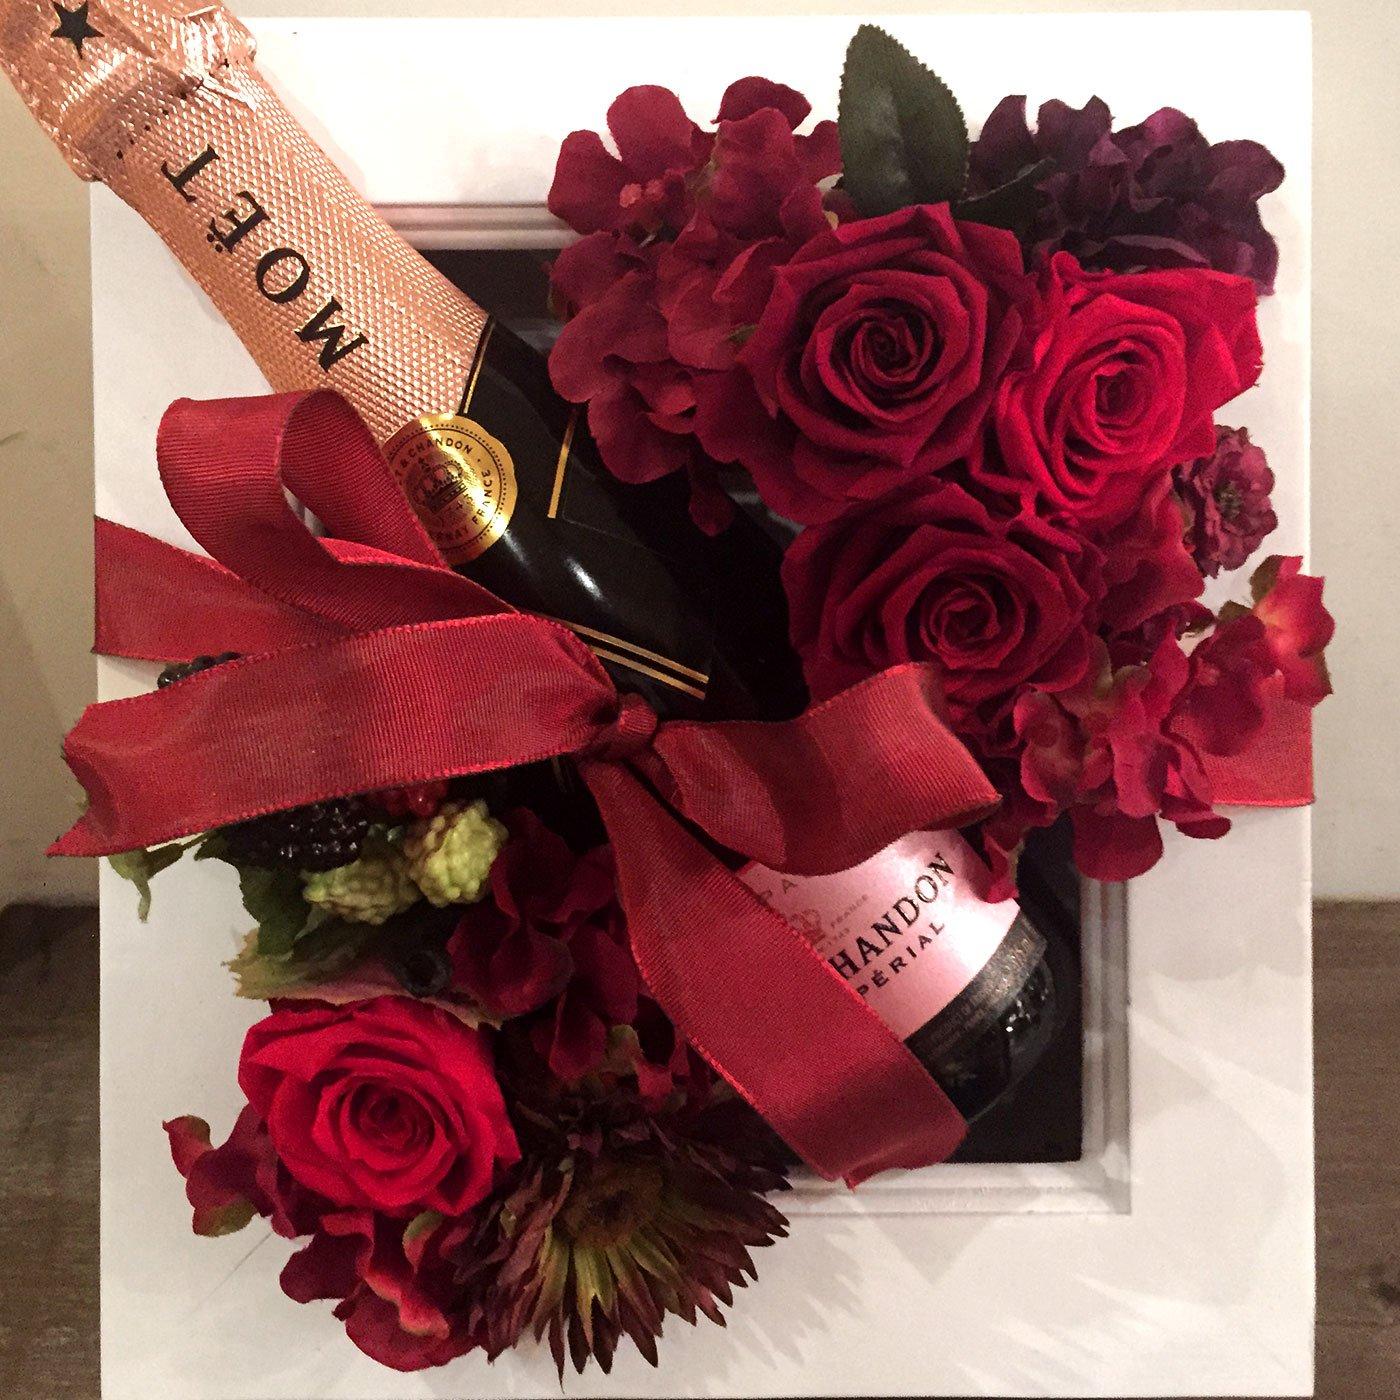 還暦祝い 花 赤 バラ プリザーブドフラワー お酒 結婚祝い 花 シャンパン ギフト シャンパン モエエシャンドンの額縁アレンジ レッド 大 B077N32TXL